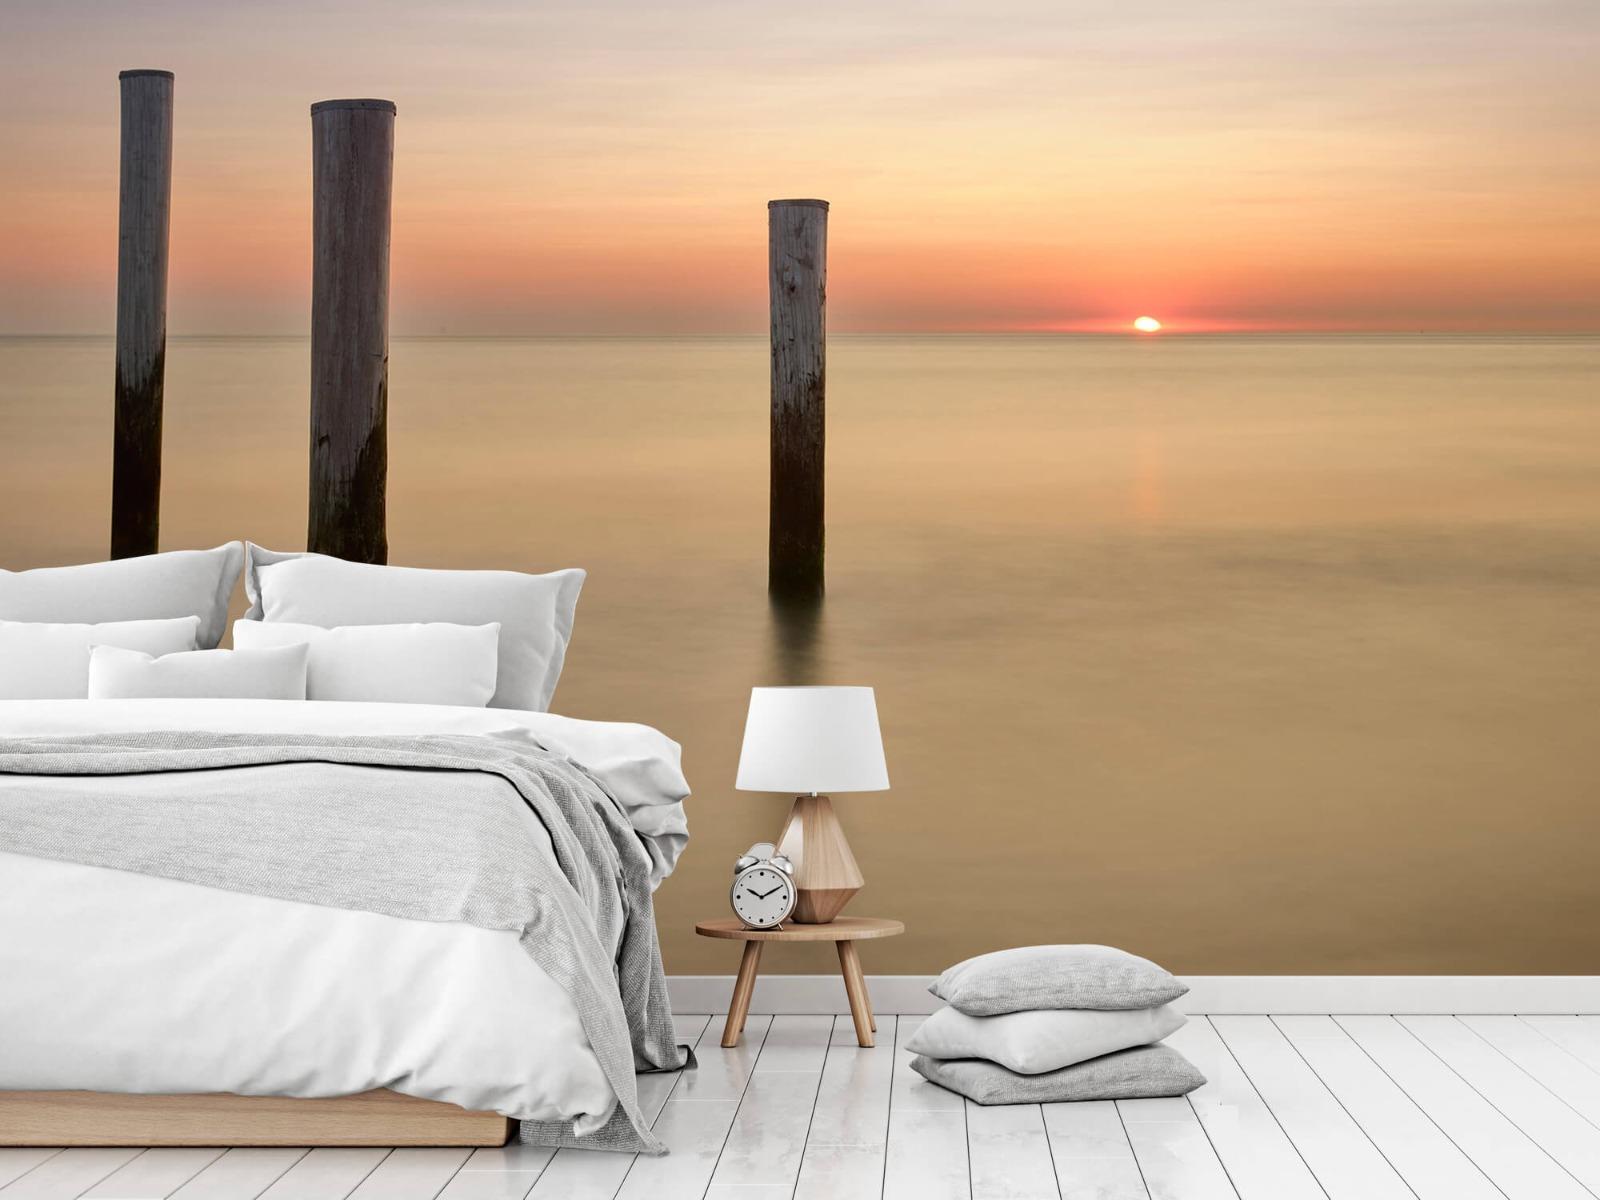 Zeeën en Oceanen - Drie houten palen - Slaapkamer 14